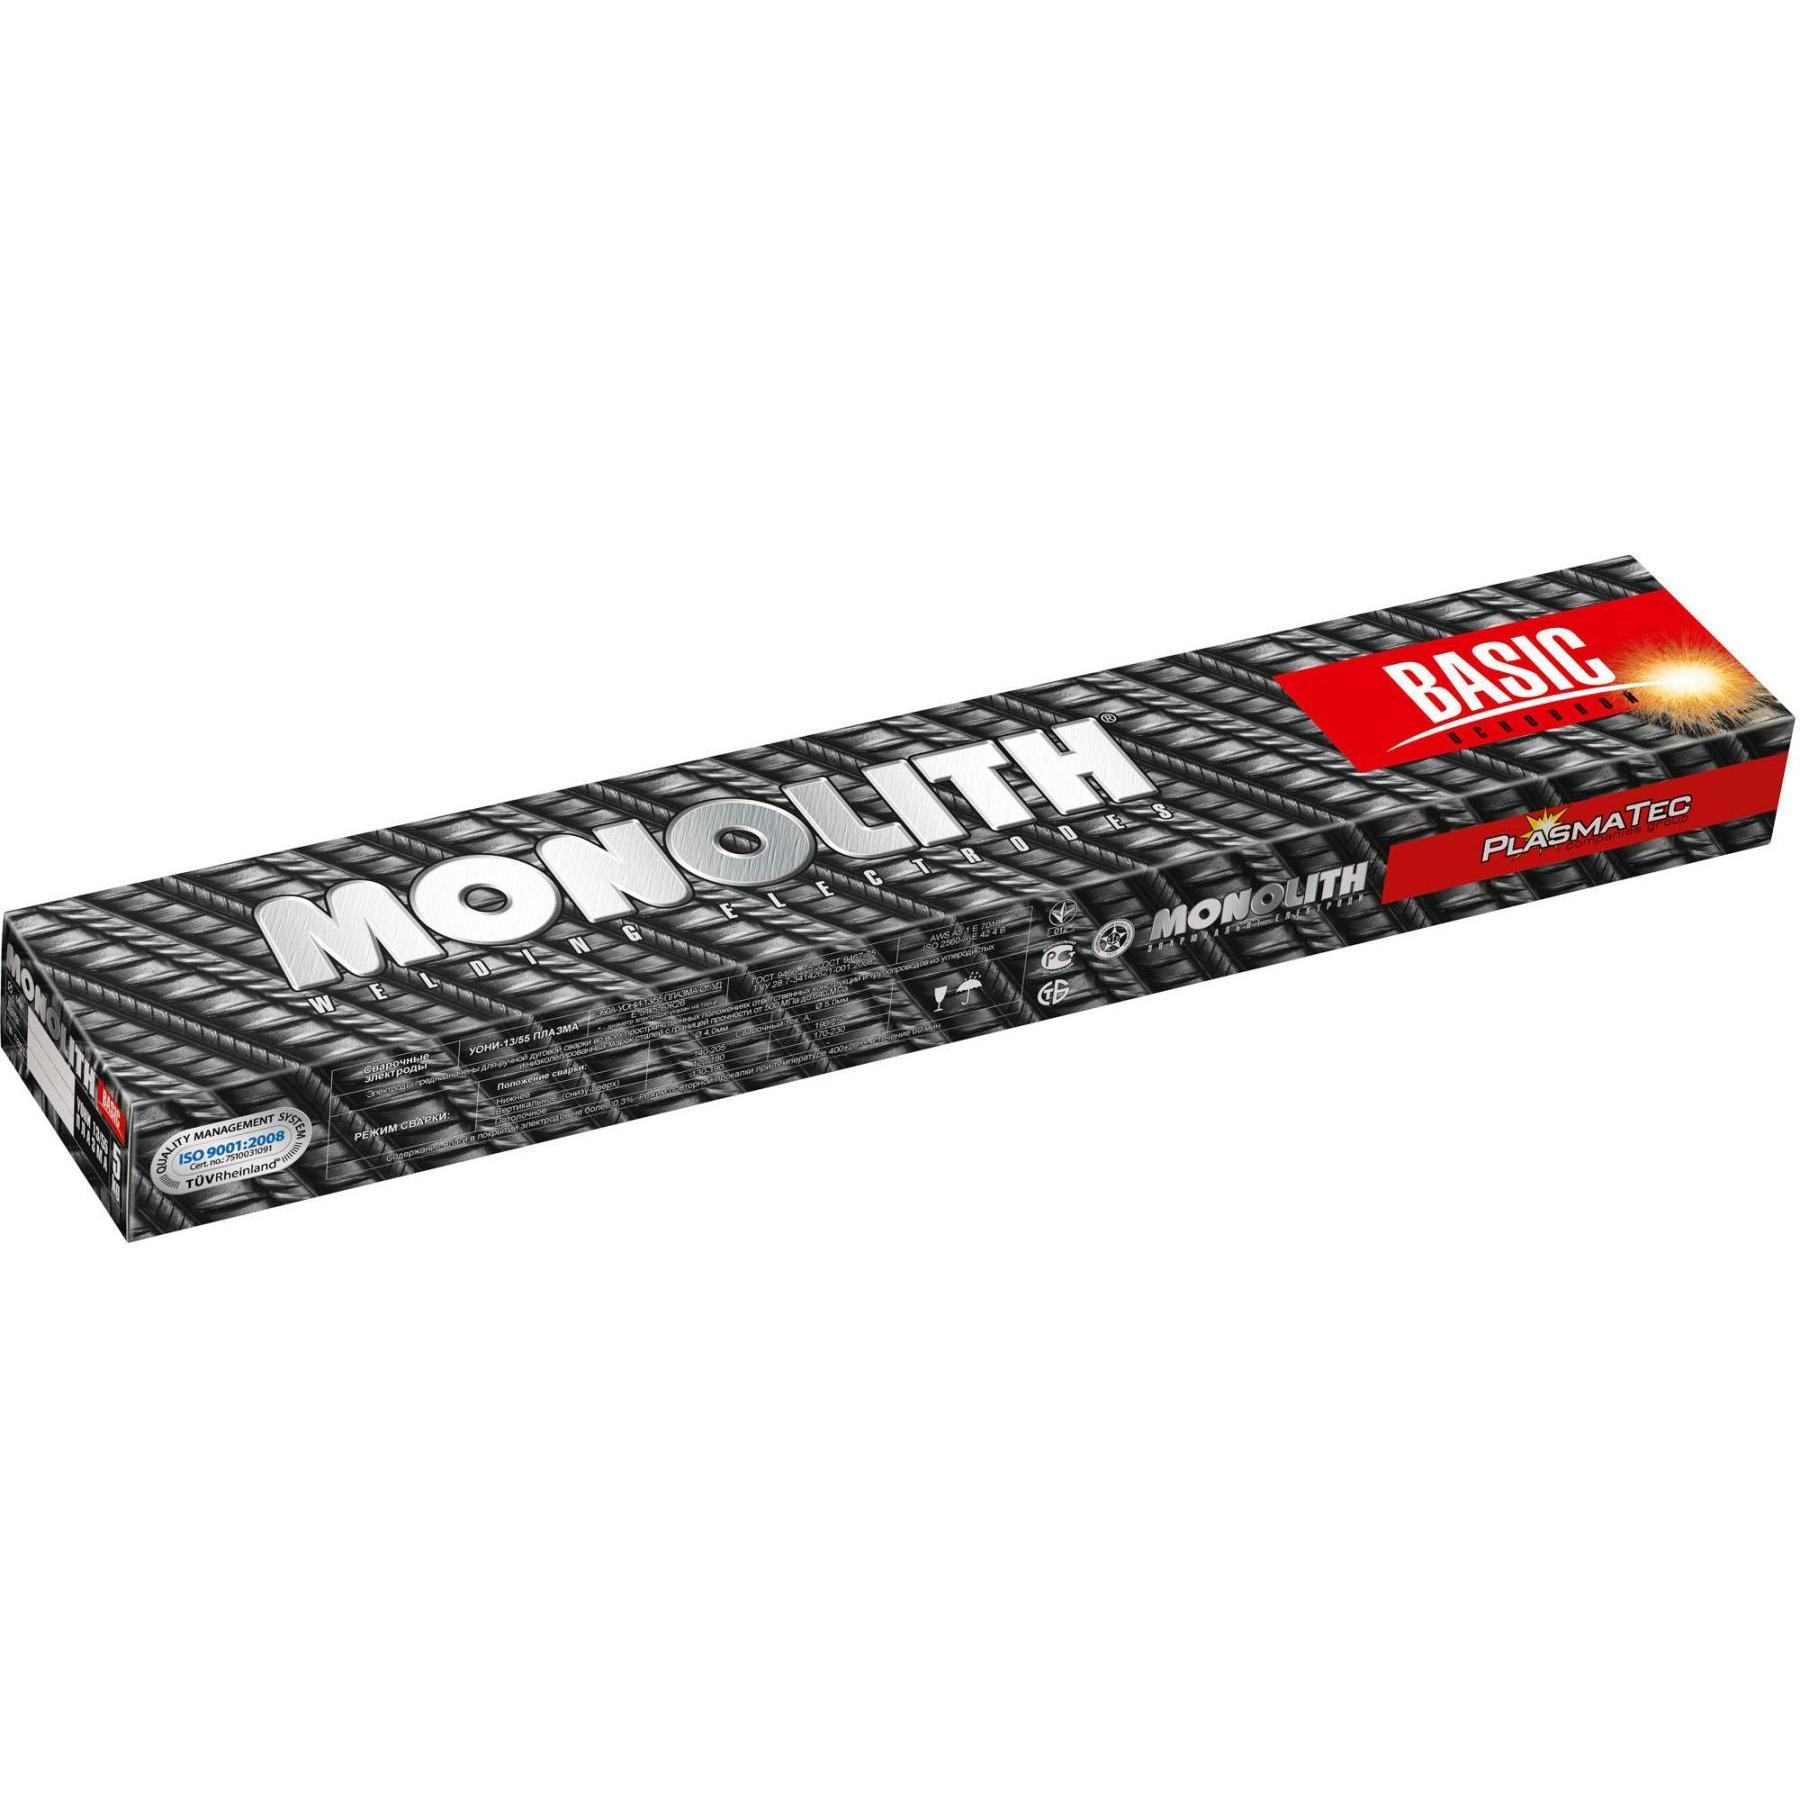 Electrodes MONOLITH SSSI-13/55 D 3mm Pack 2.5kg